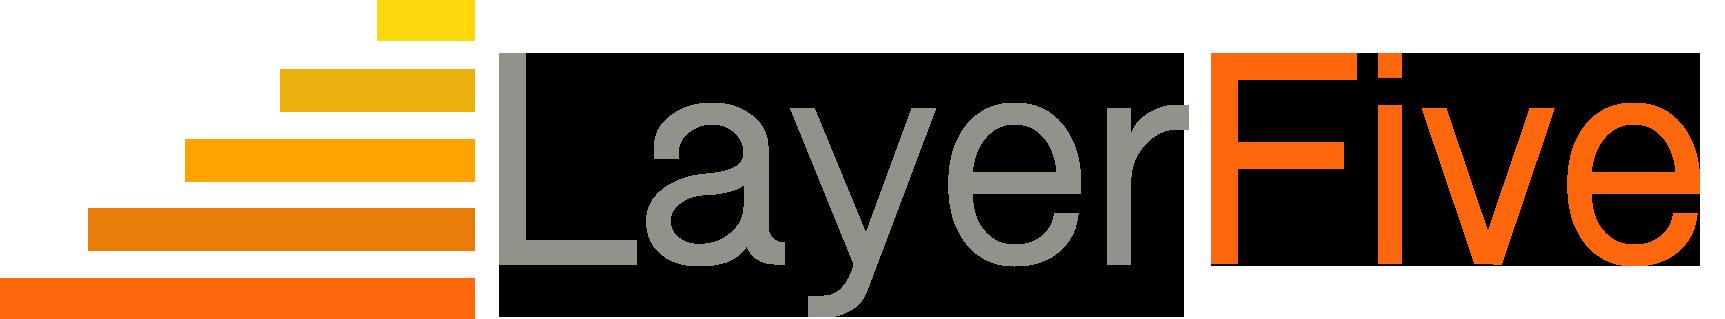 LayerFive Logo